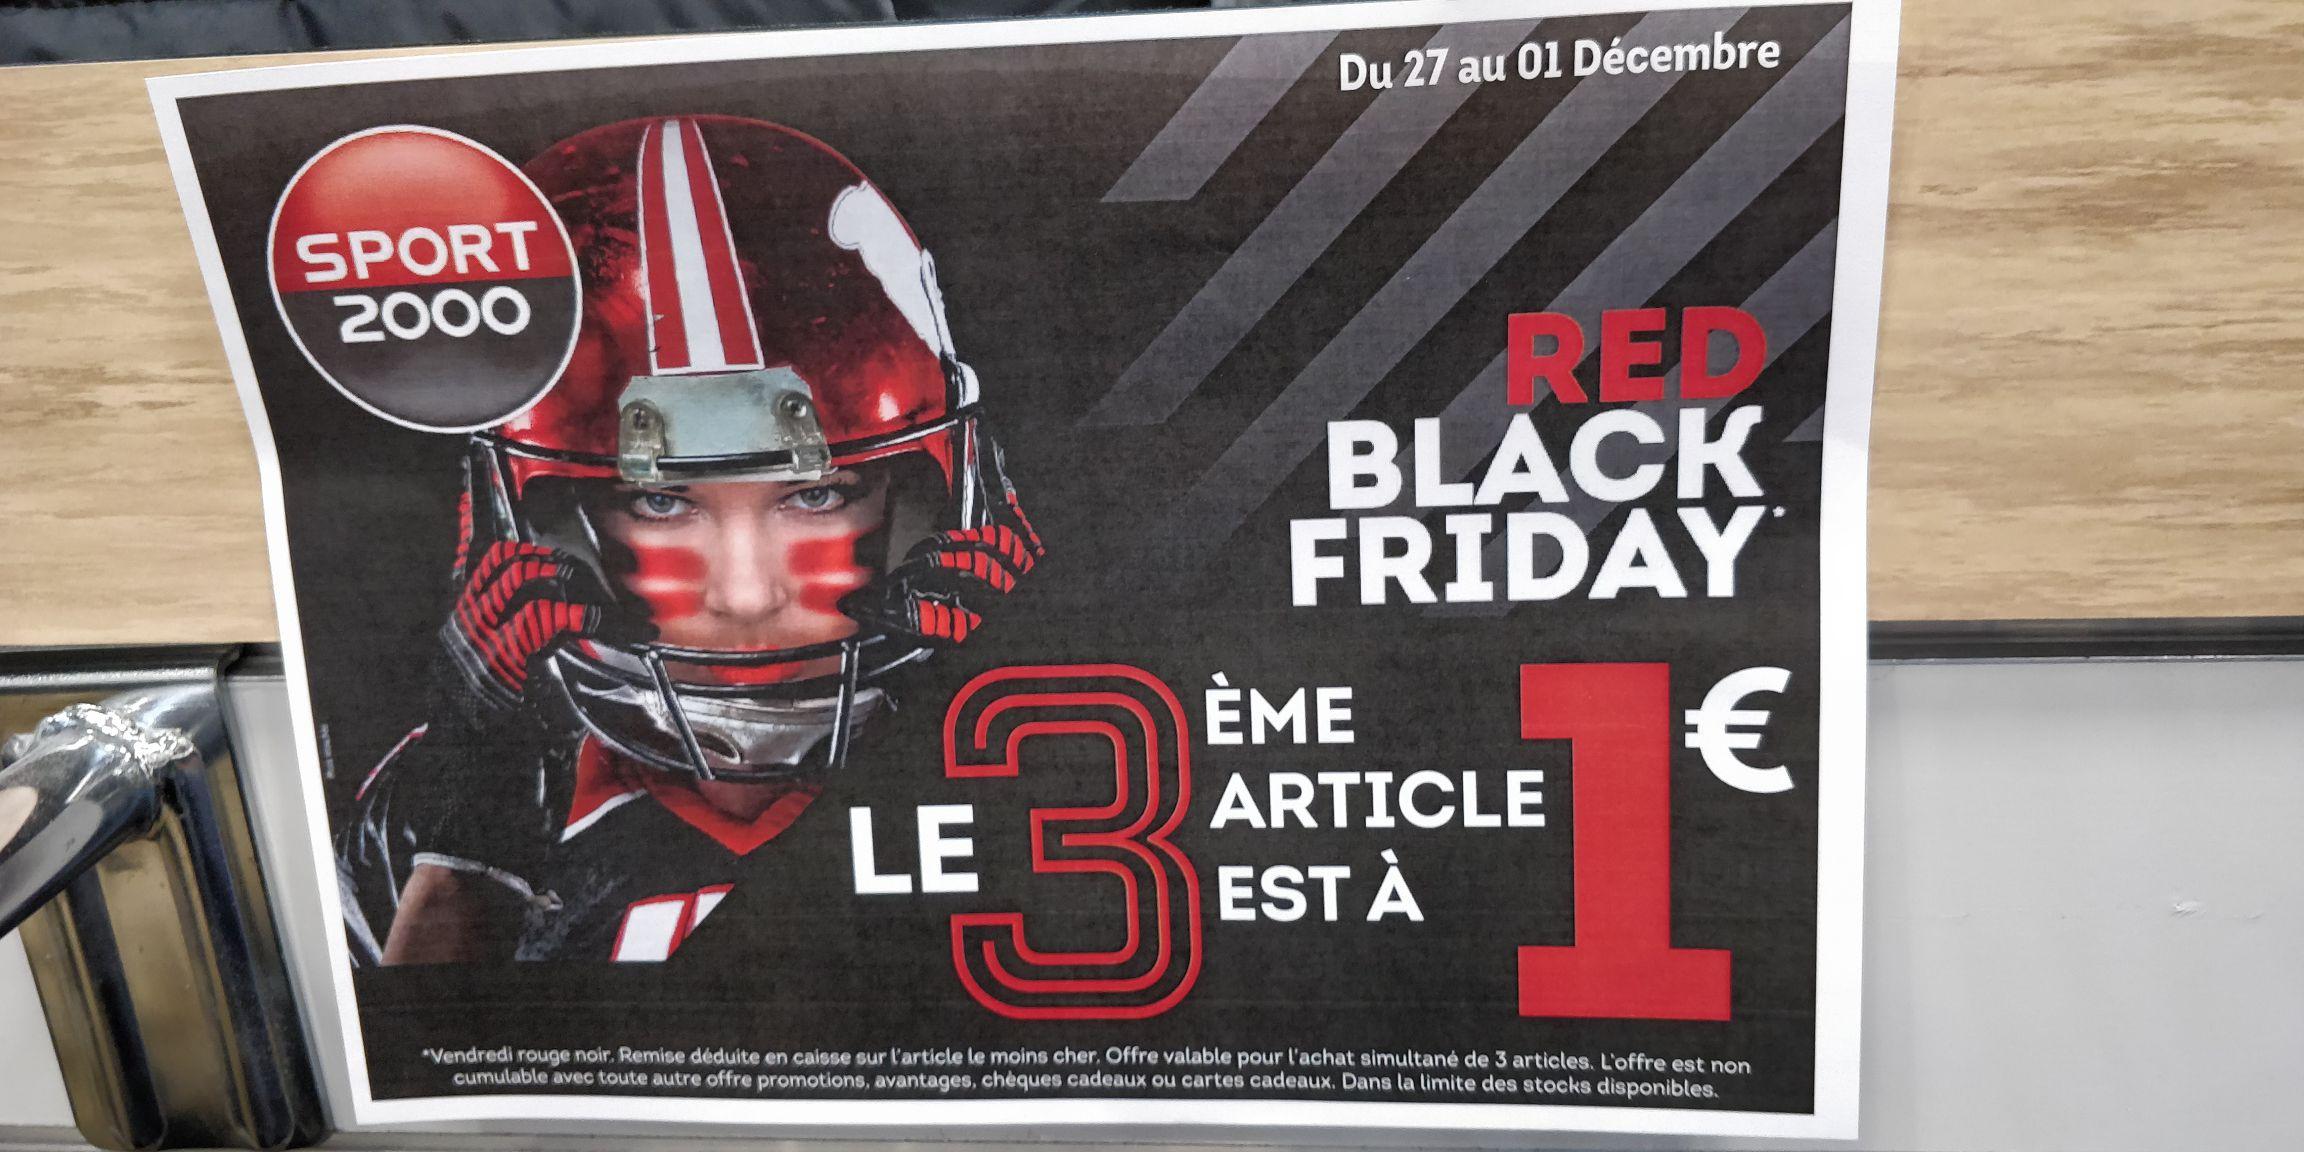 2 articles achetés = le 3ème à 1€ (hors exceptions - le moins cher) - Epargny sur Oise (95)